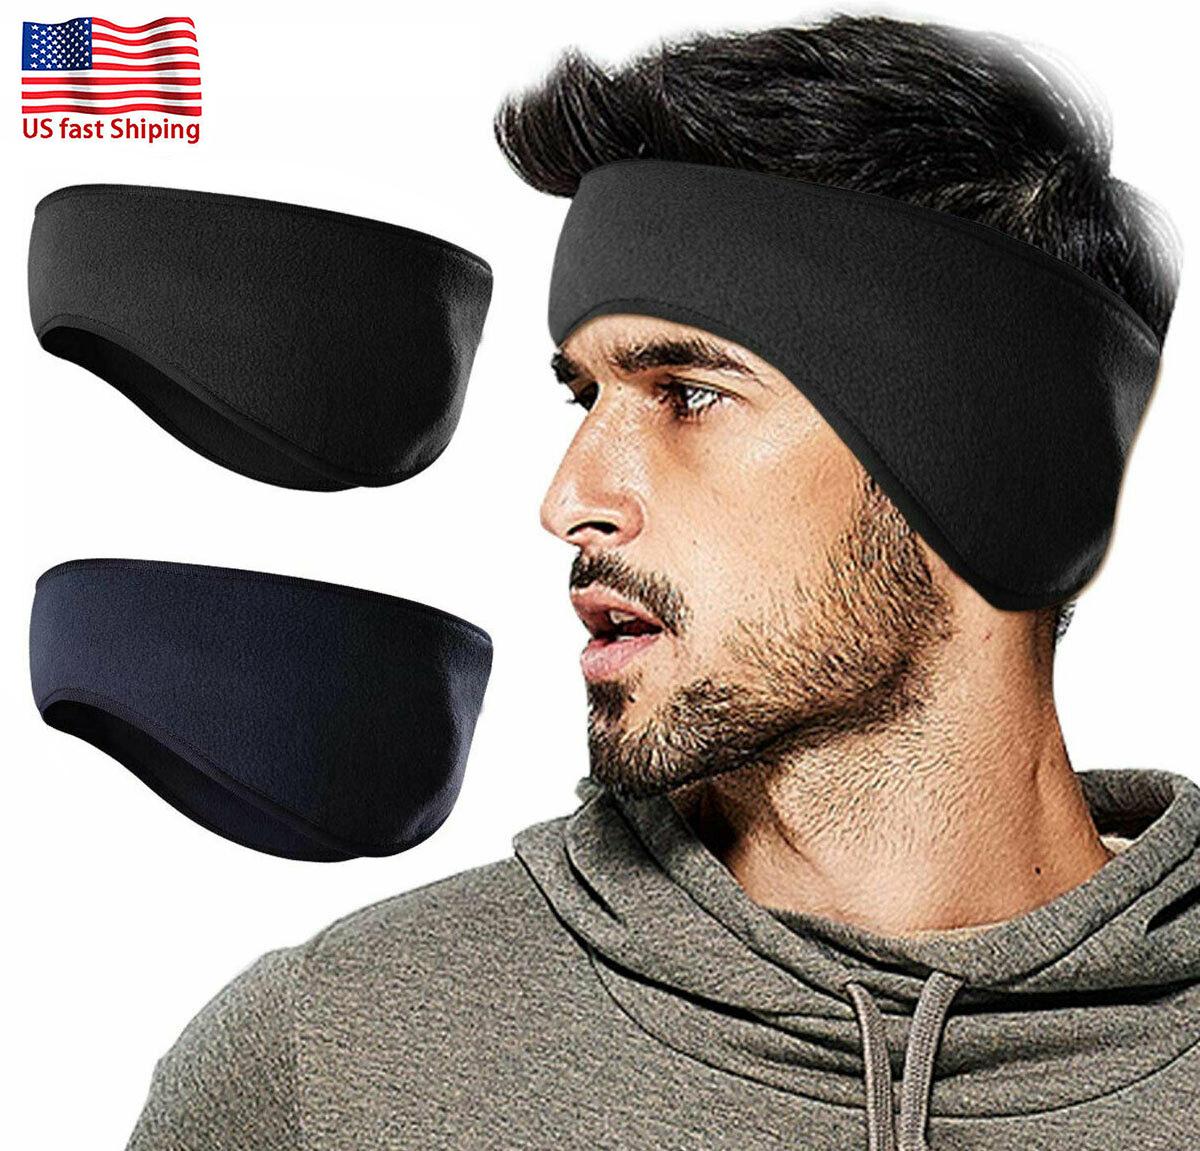 Hot Sale Ear Warmers Headband Cover Unisex Headwrap Fleece Ear Muffs 3 Colors US